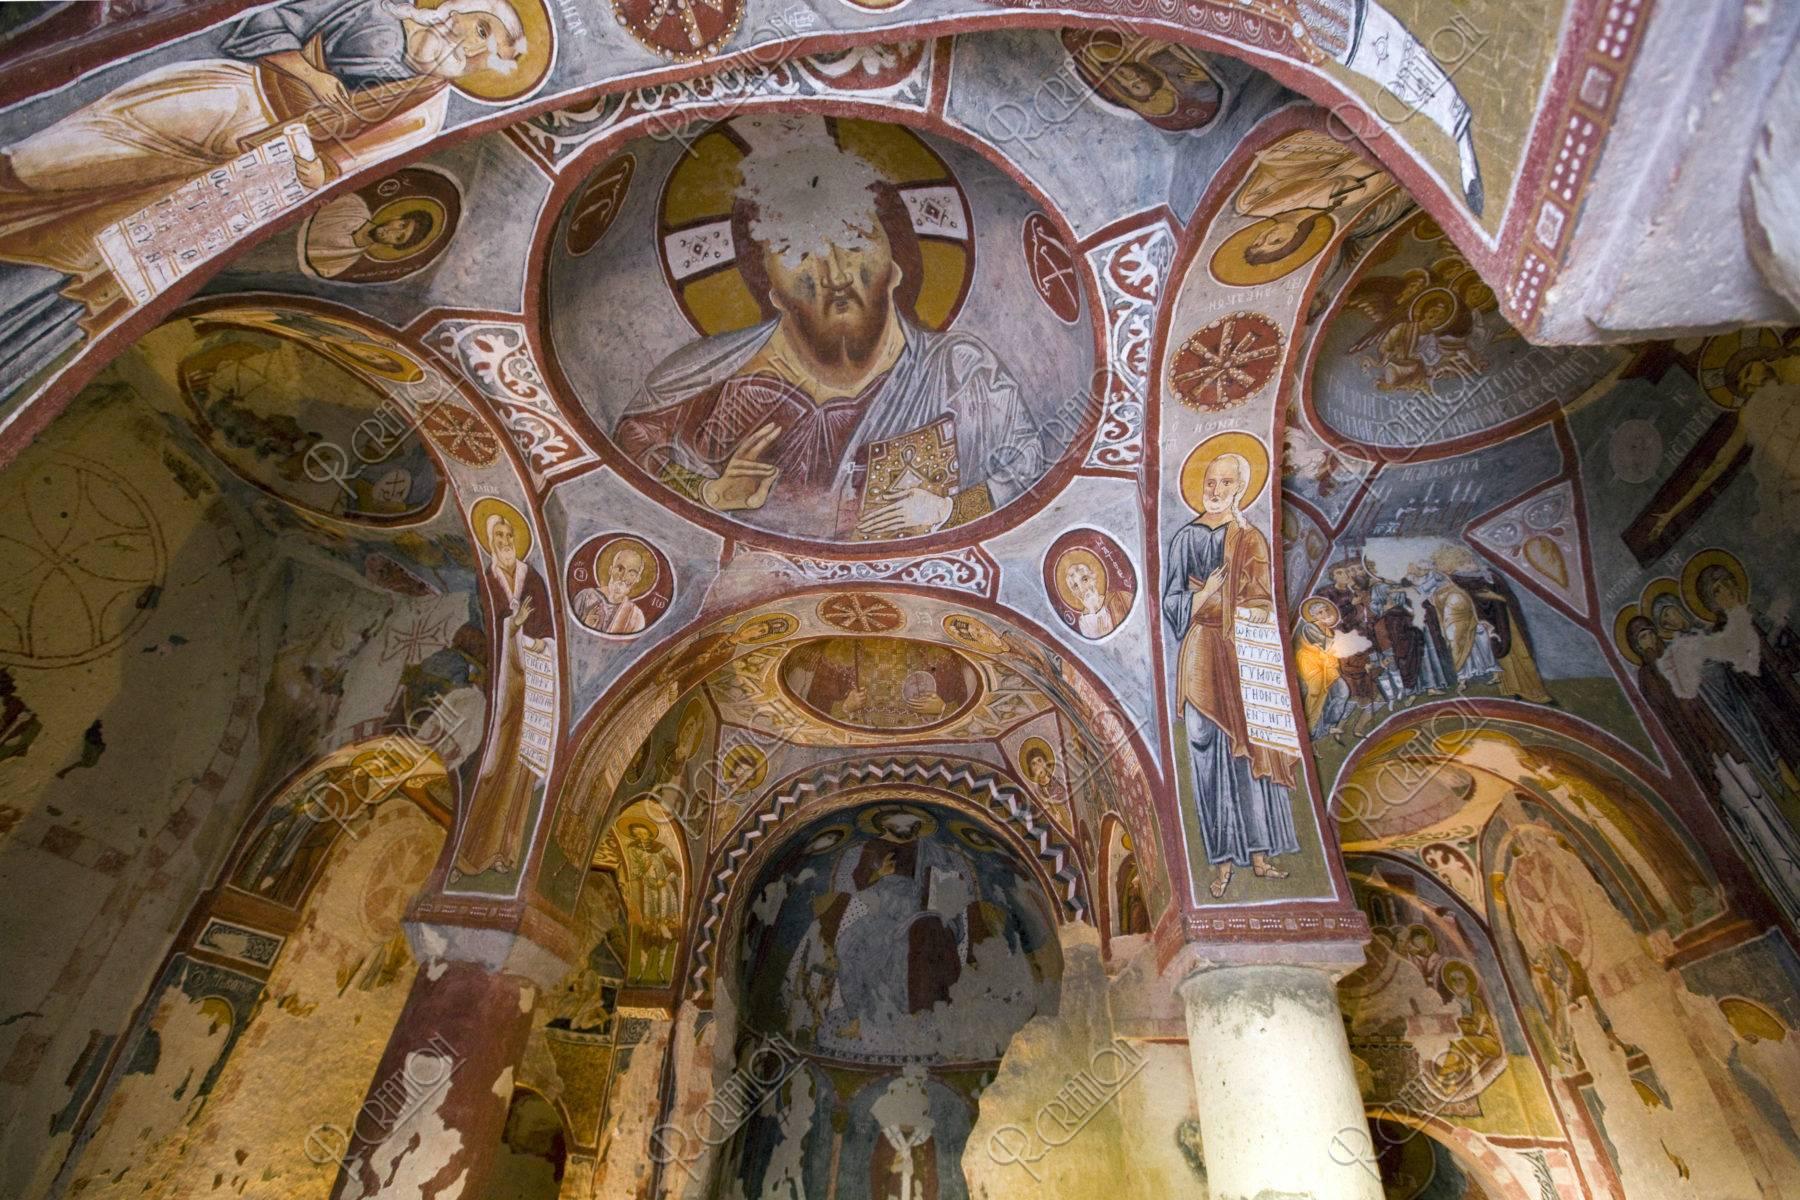 ギョレメ屋外博物館 エルマルキリセ寺院